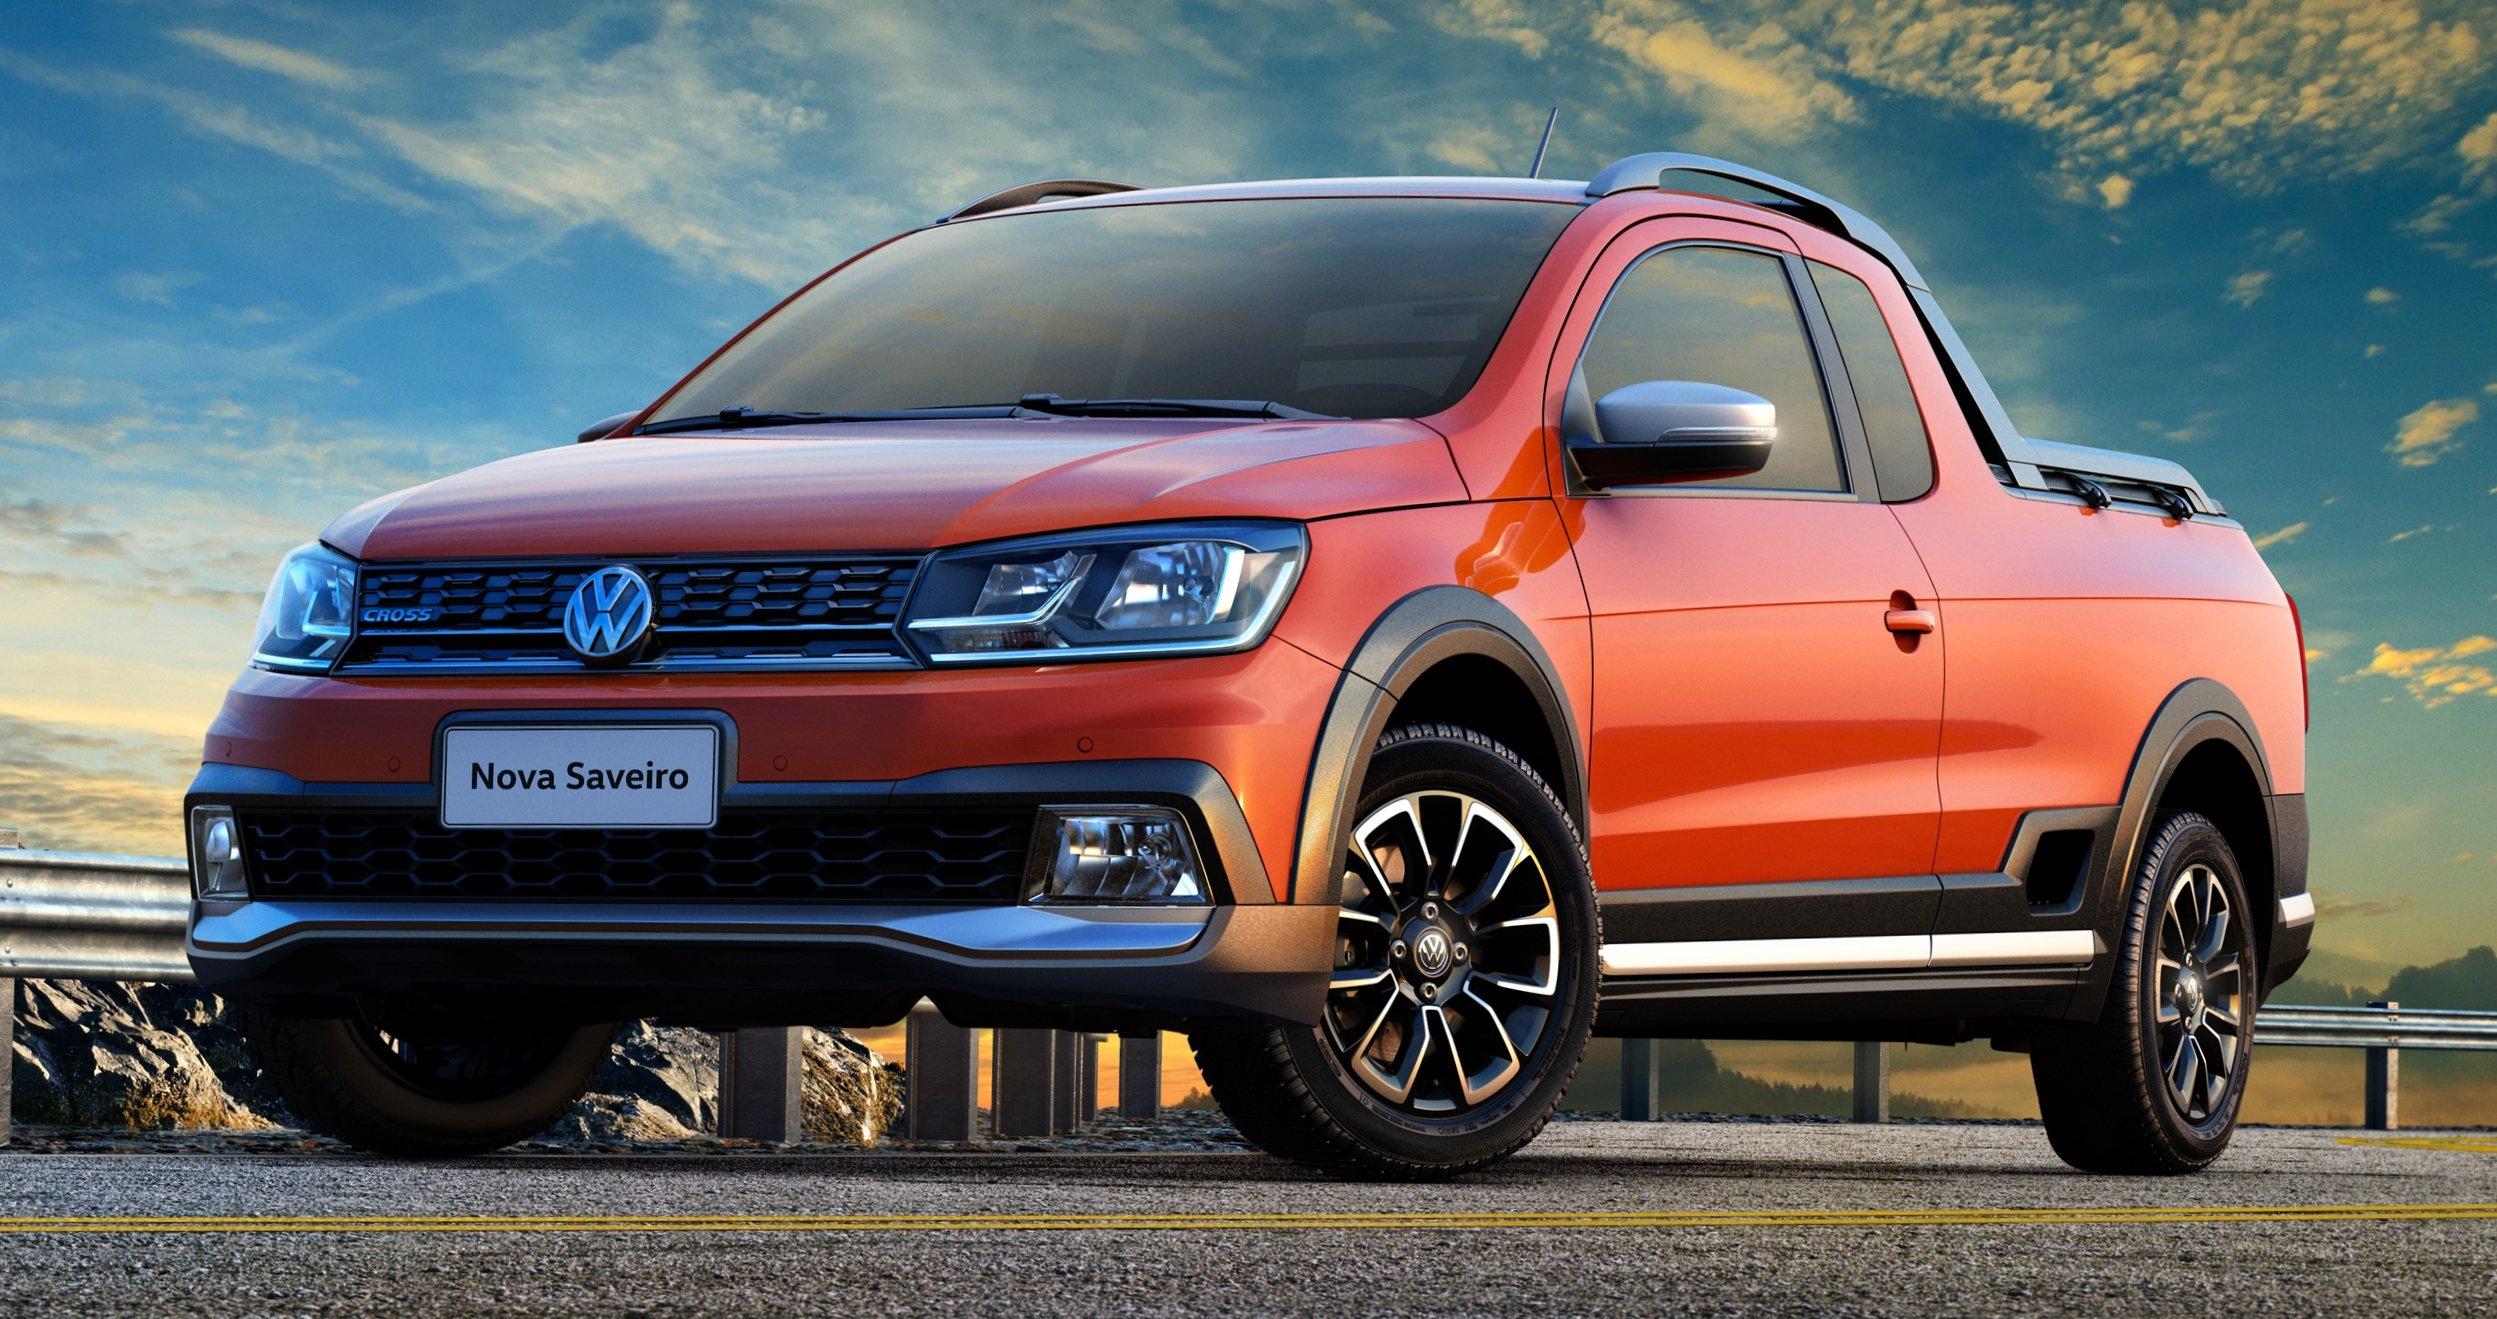 Nova VW Saveiro ganha personalidade própria e conectividade